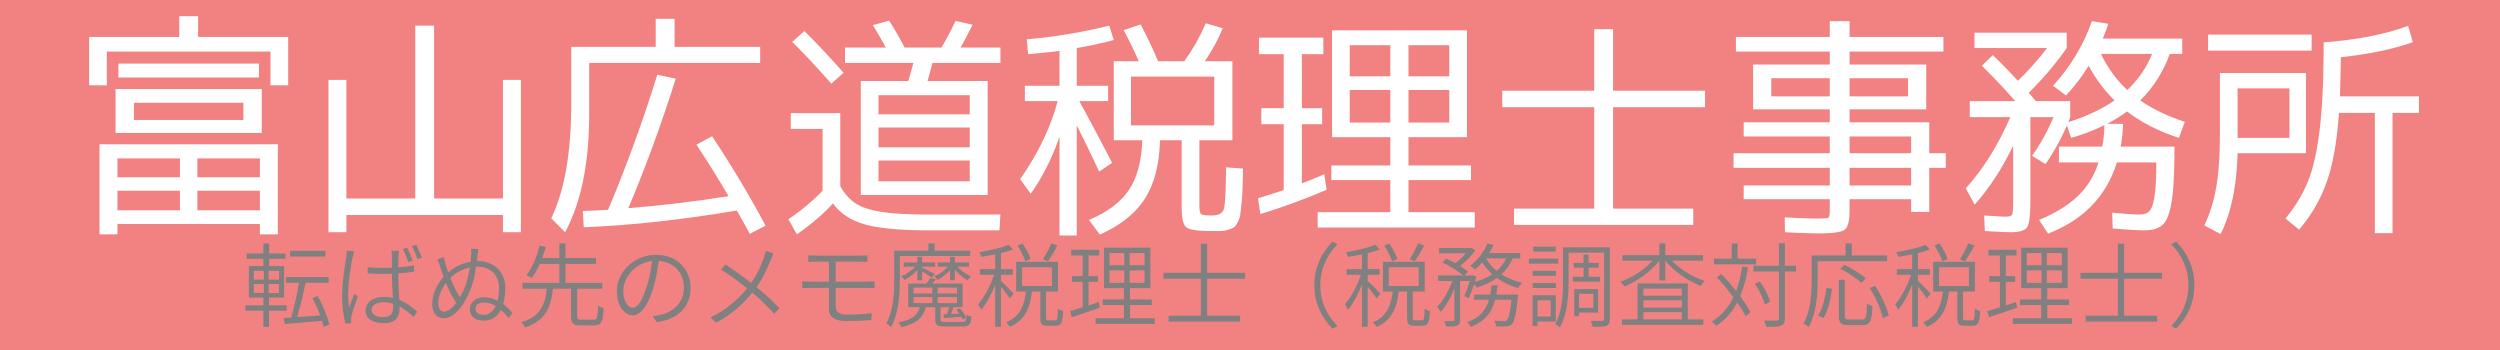 富山広道税理士事務所